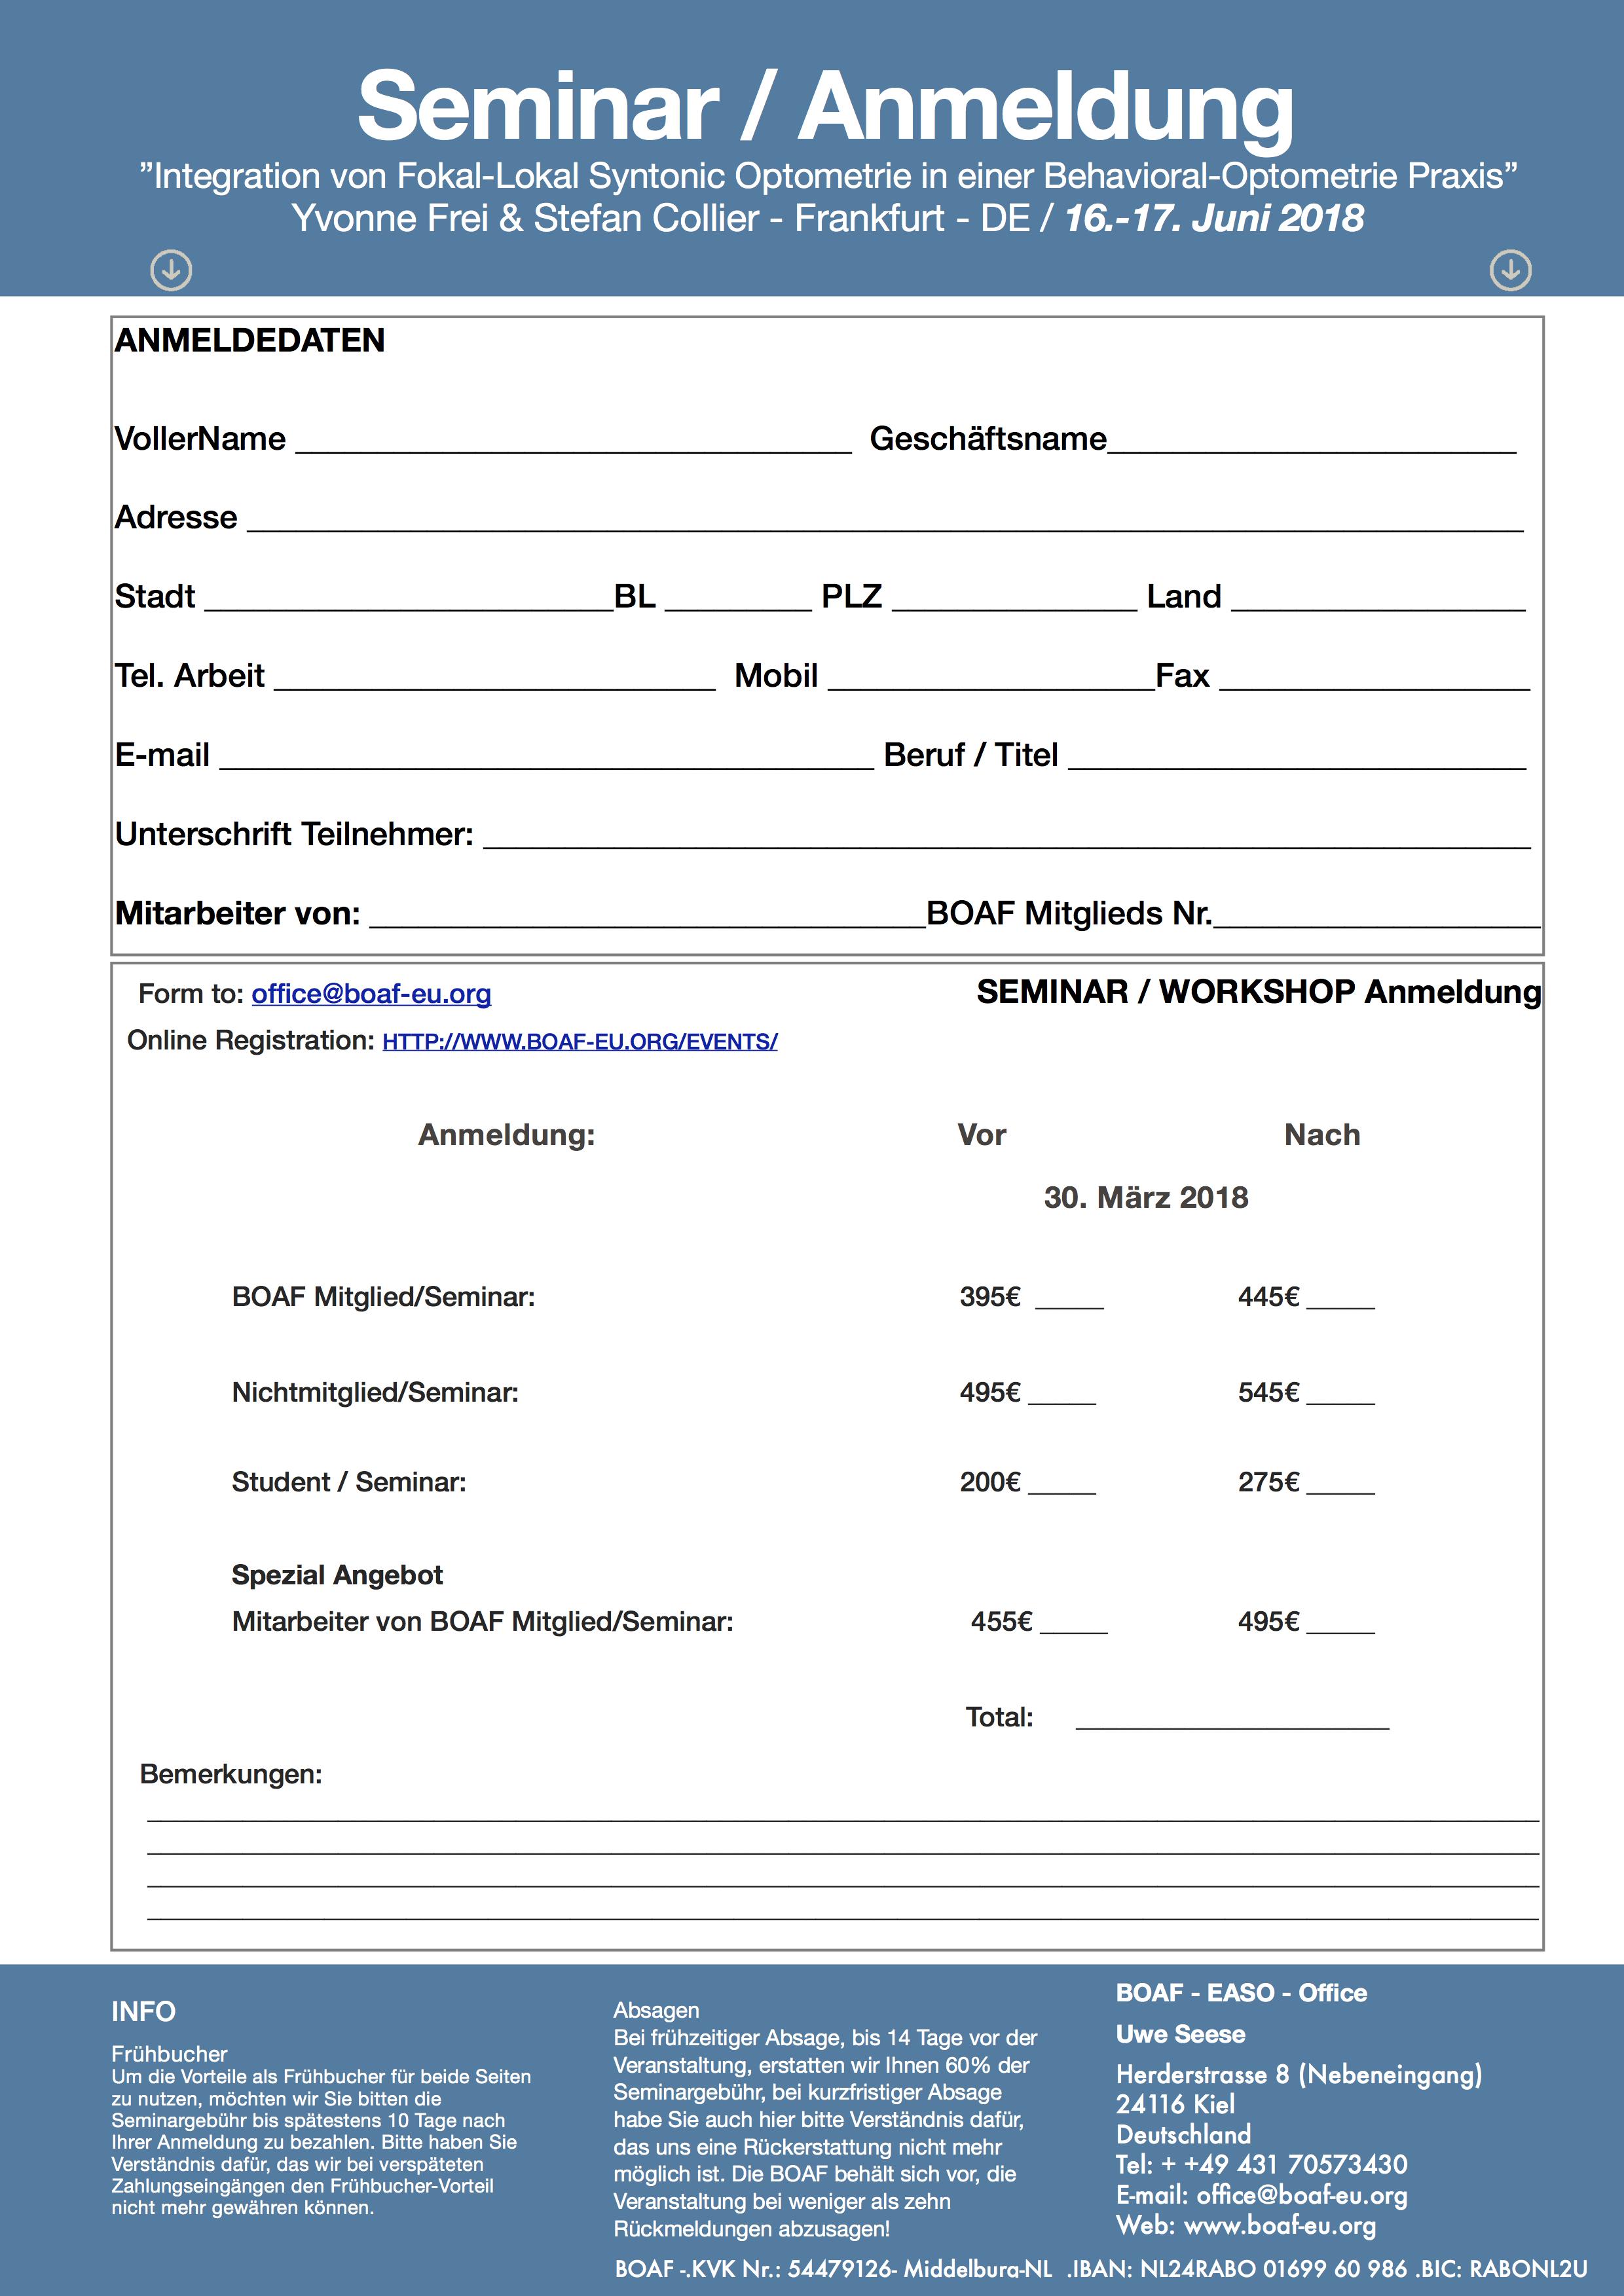 P3 DE BOAF sem local Focal frankfurt Juni 2018.png